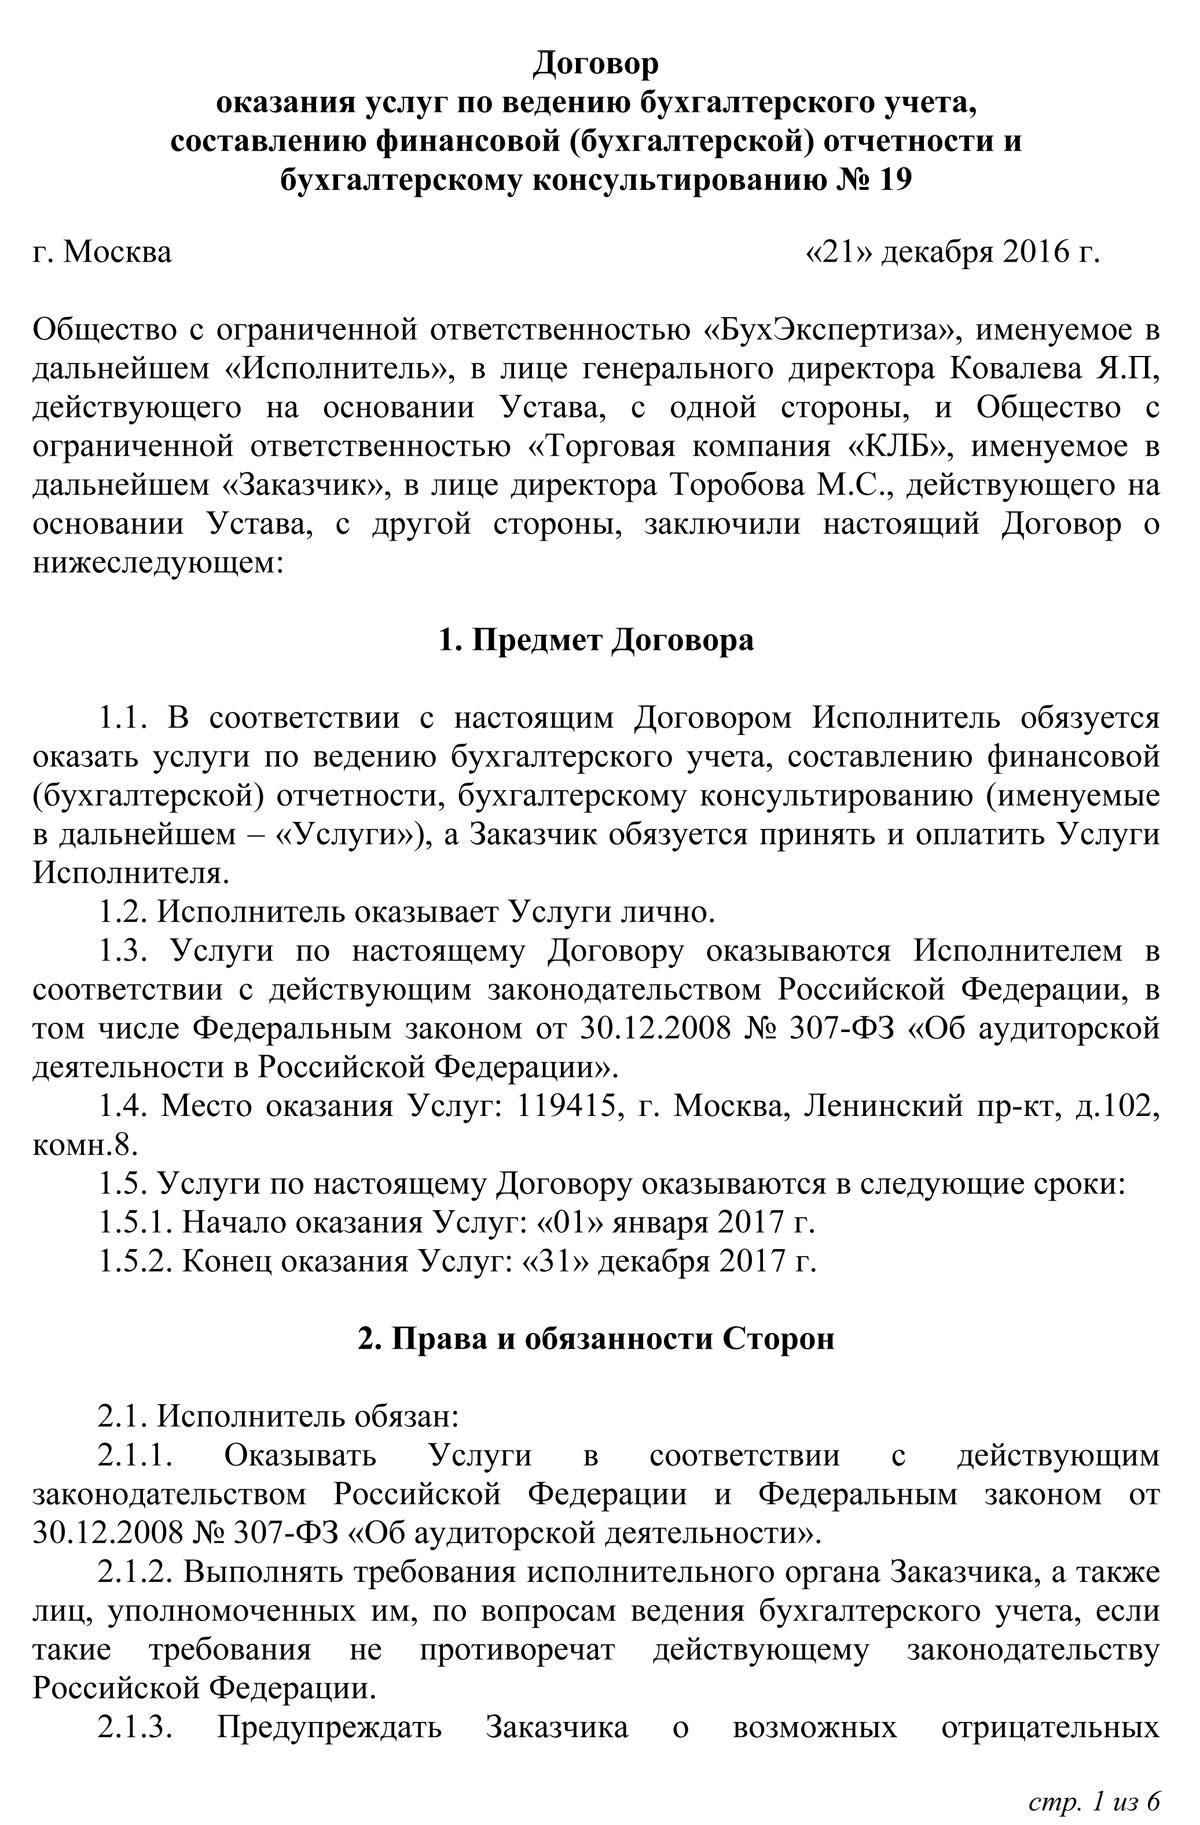 Договор на оказание бухгалтерских услуг (бланк и образец)